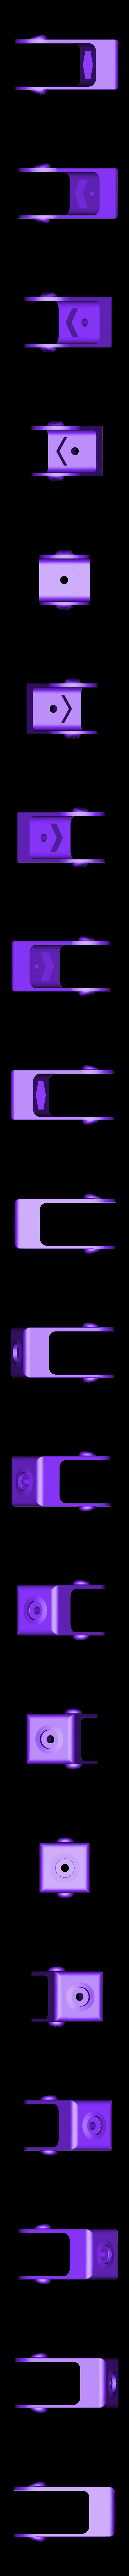 hitchSPINNER_4.stl Télécharger fichier STL gratuit Couvercle d'attelage 2 POUCES et tourniquet à deux vitesses • Modèle à imprimer en 3D, hitchabout